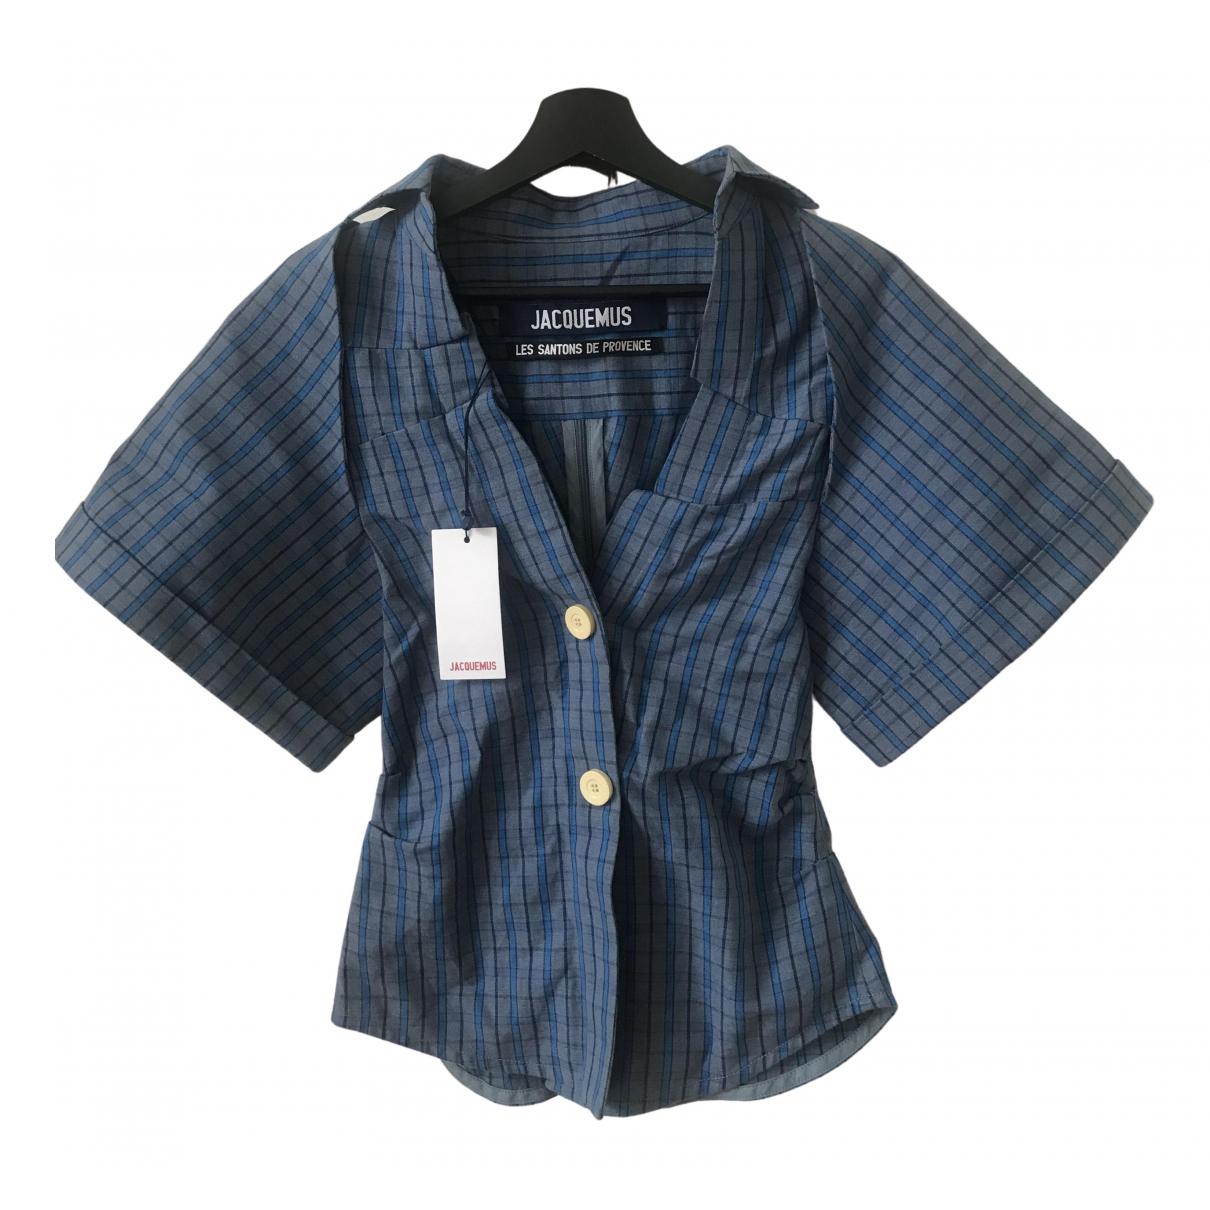 Jacquemus - Top Les Santons de Provence pour femme en coton - bleu